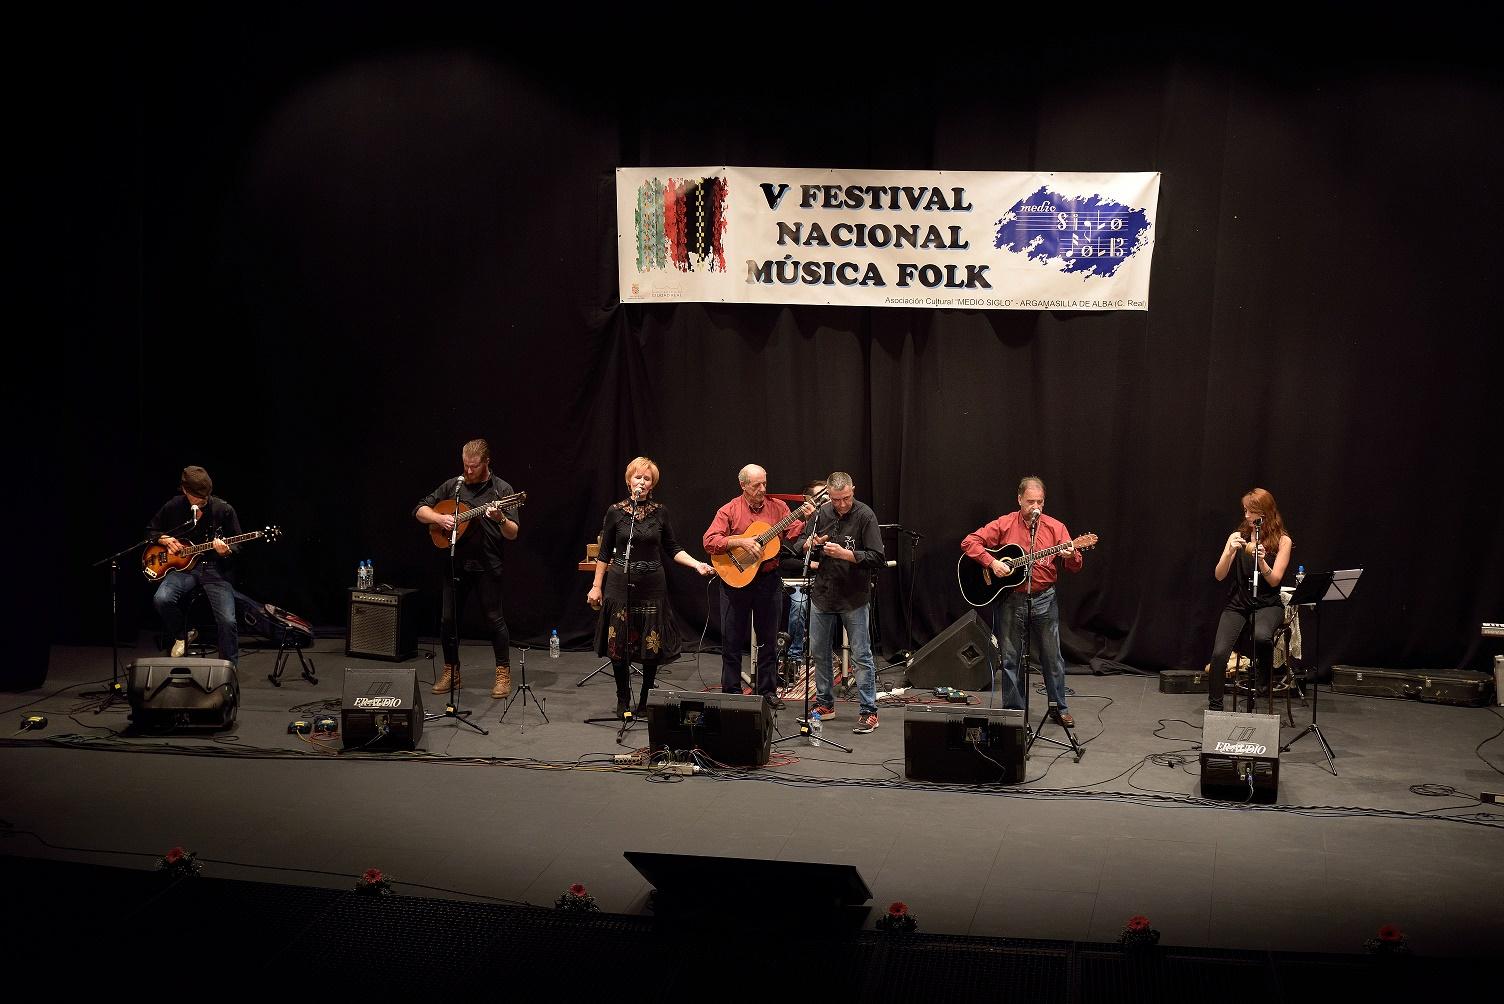 Reencuentro con las raíces musicales en el V Festival Folk de Argamasilla de Alba